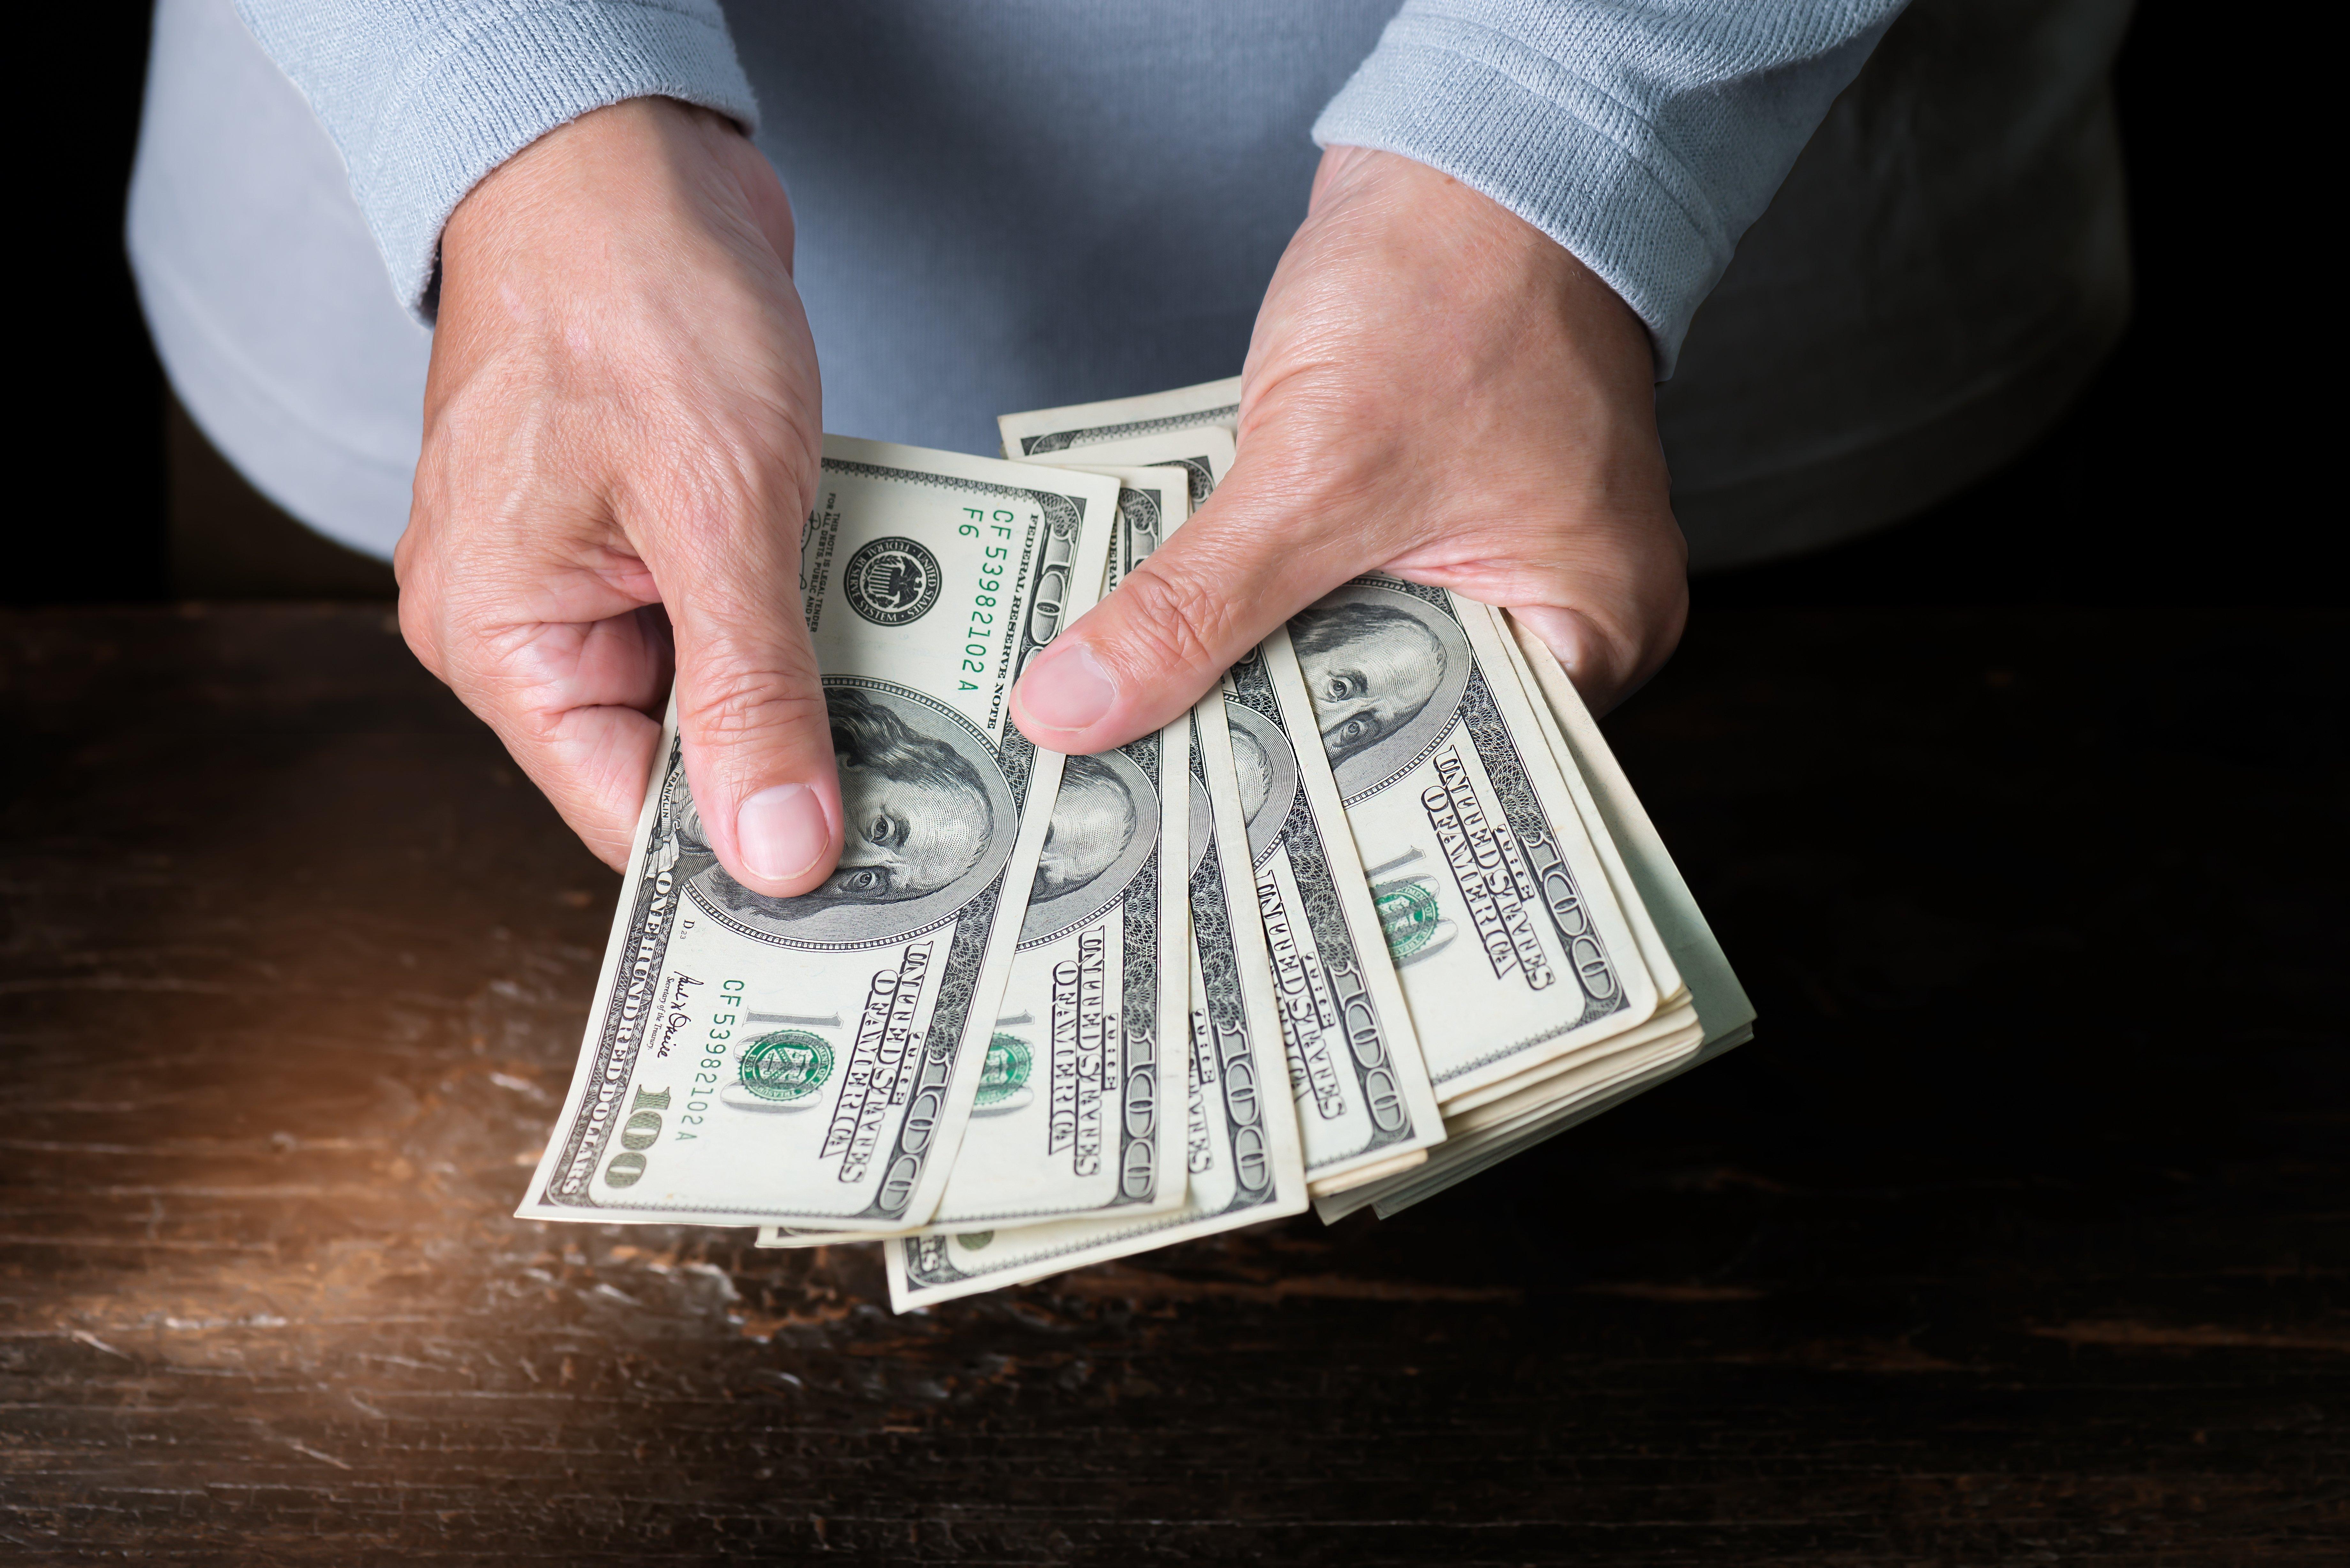 Geld in der Hand | Quelle: Shutterstock